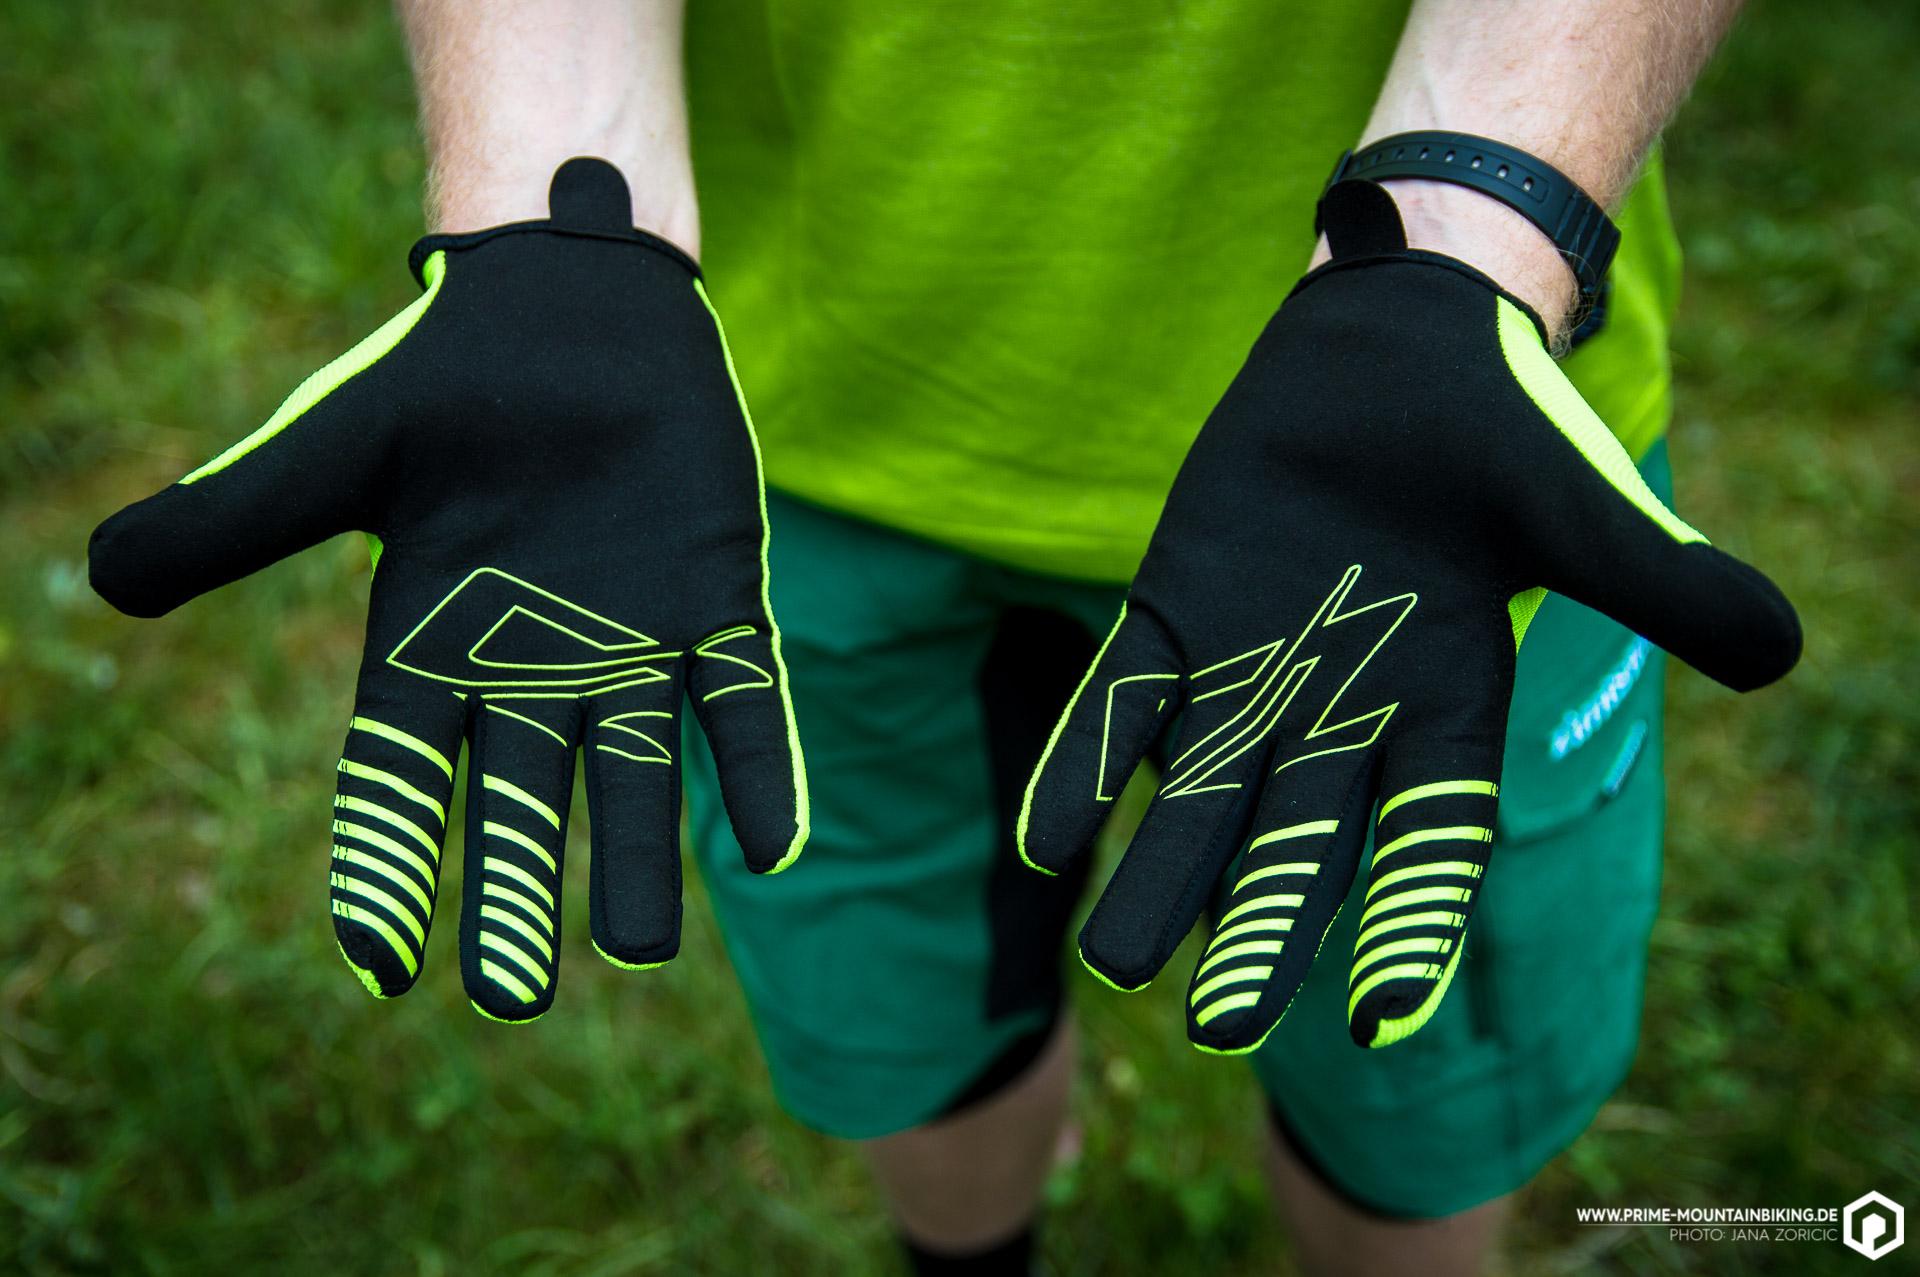 Die Handfläche besteht aus dem Vliesstoff Amara. Bremsfinger und Handballen sind mit, den Grip erhöhenden, Silikon bedruckt.